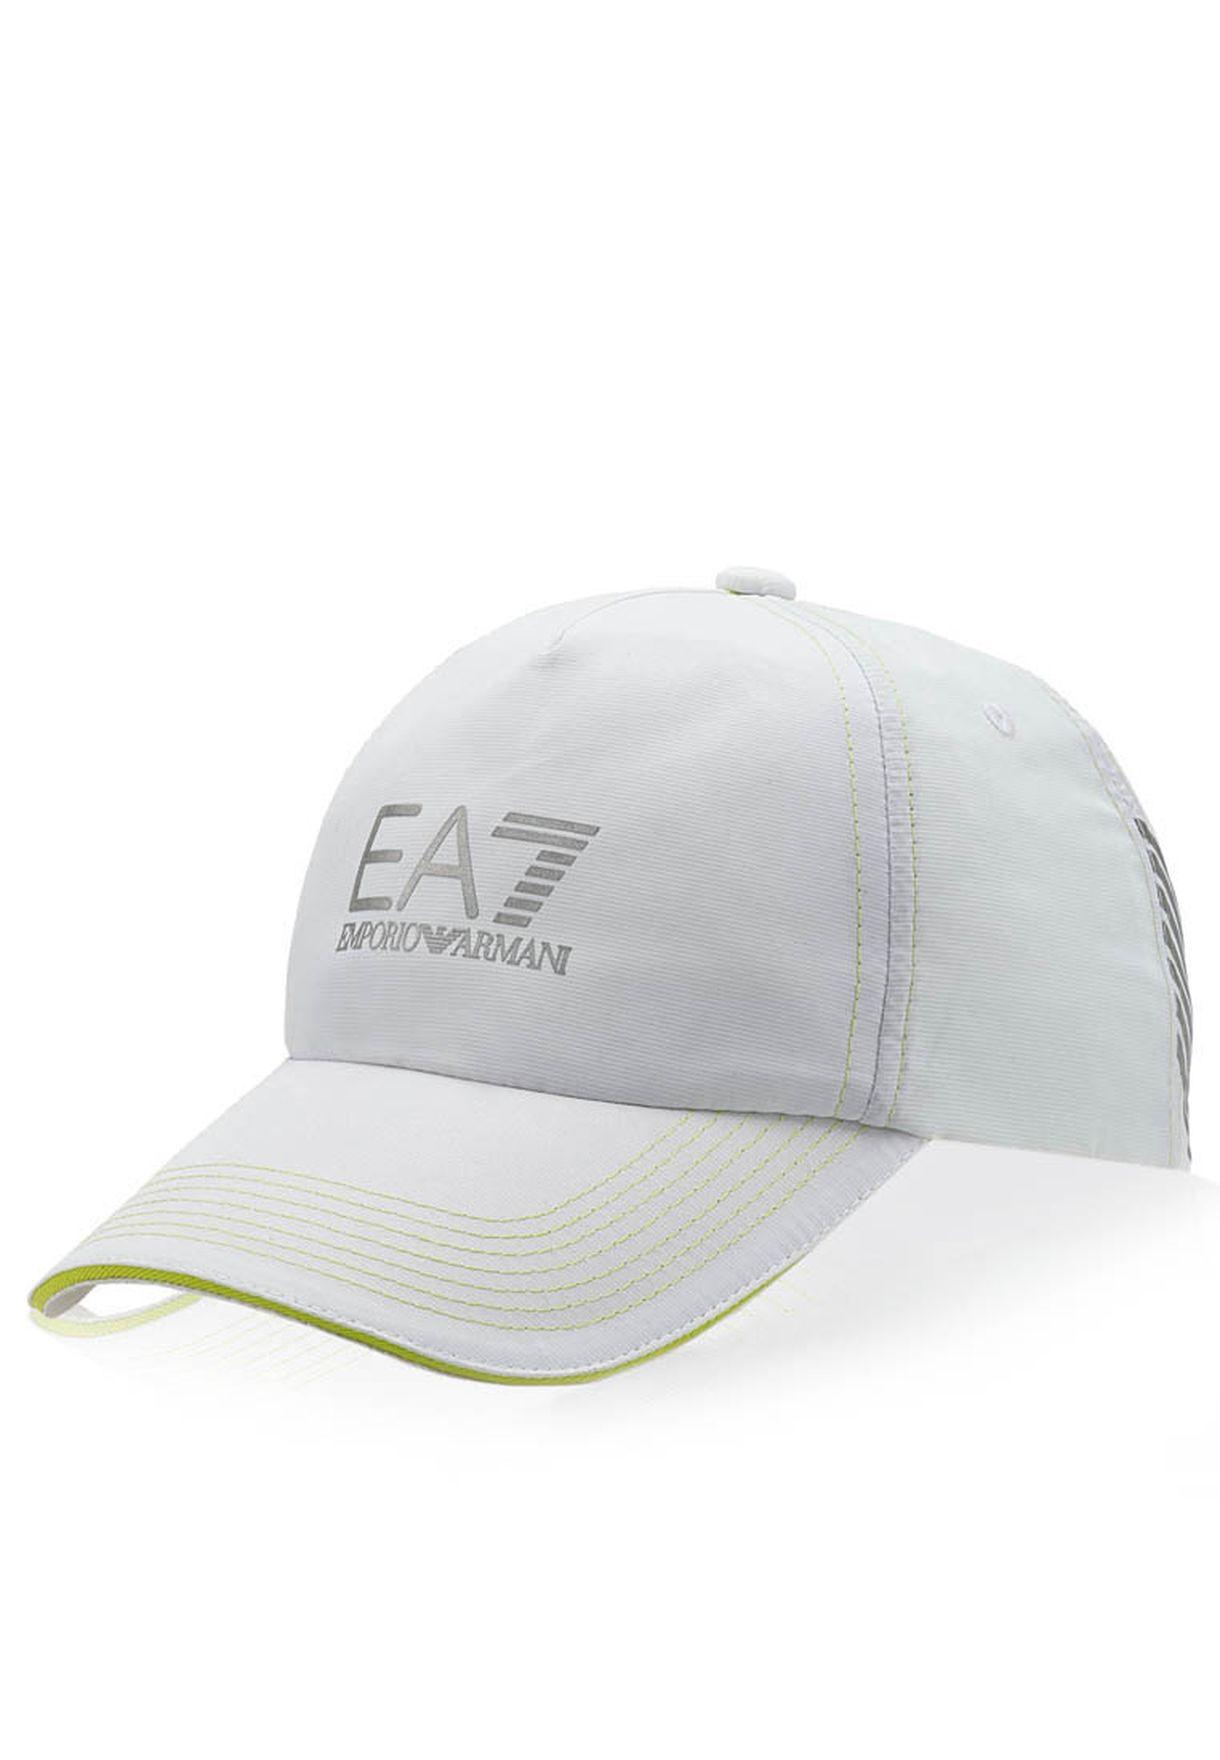 Shop Ea7 Emporio Armani white Golf Cap for Men in Saudi - EA531AC16TEH 1f3e17bd408